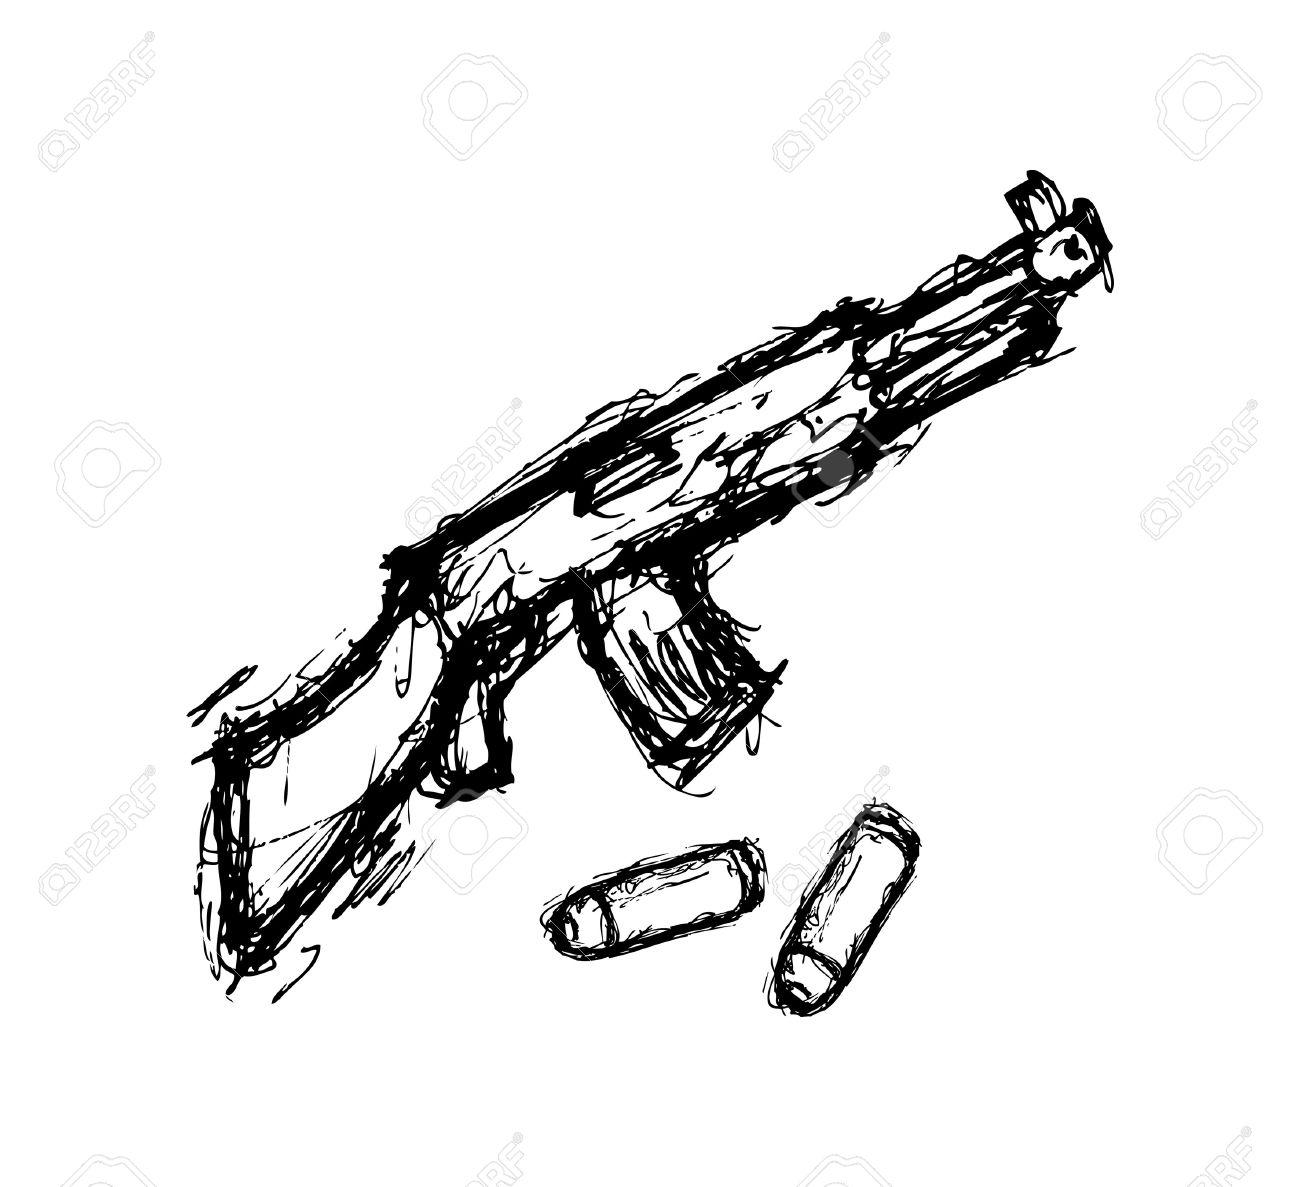 1300x1187 Hand Drawn Gun Royalty Free Cliparts, Vectors, And Stock